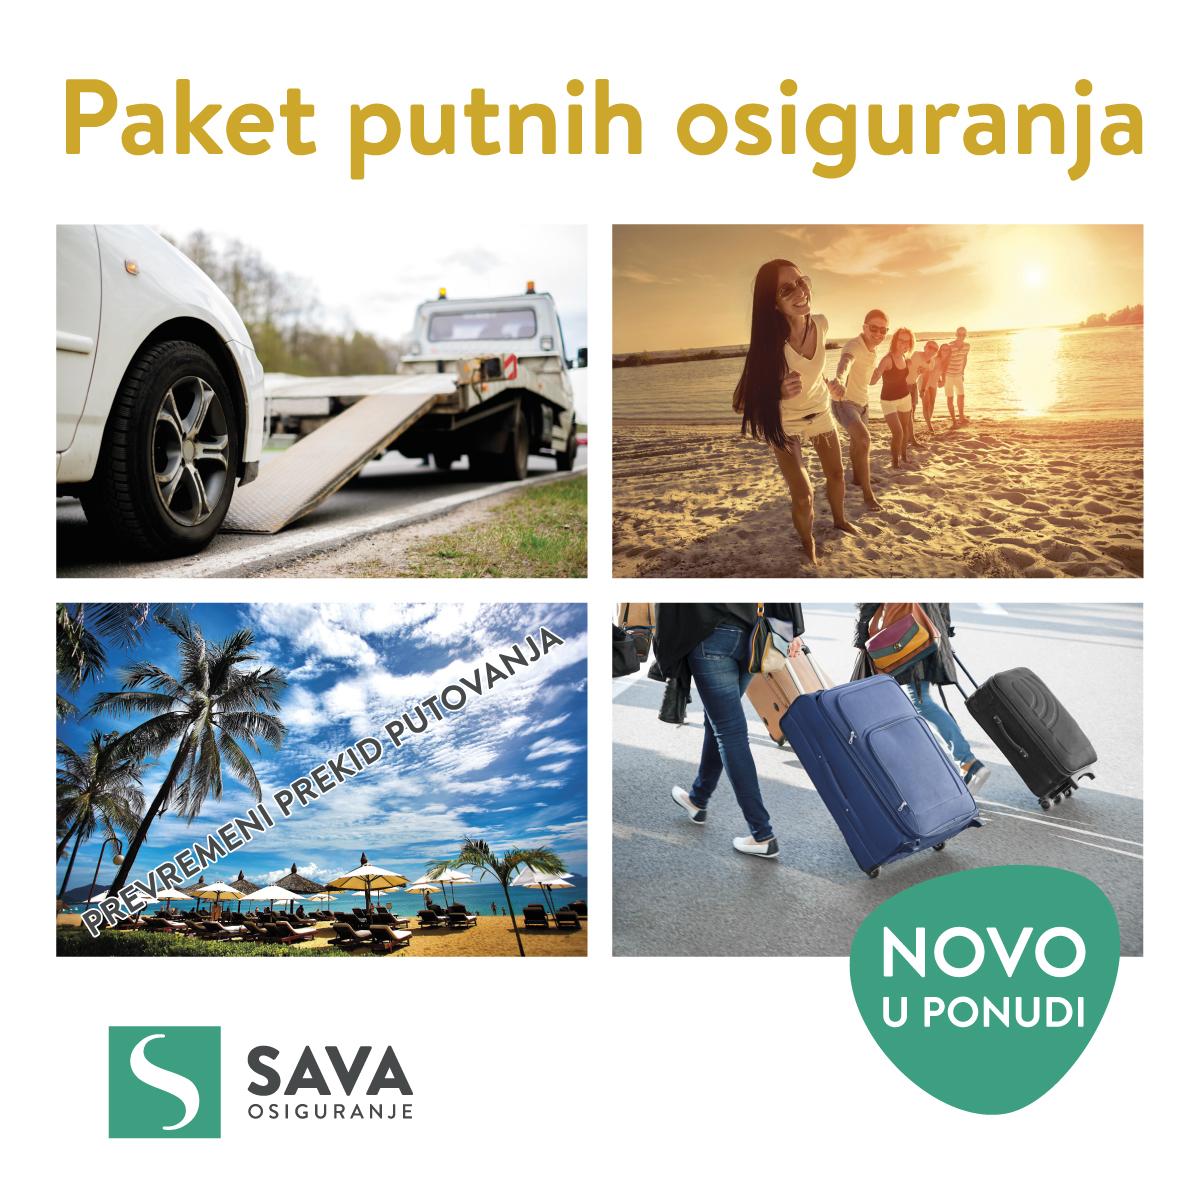 SAVA neživotno osiguranje - paket putnih osiguranja